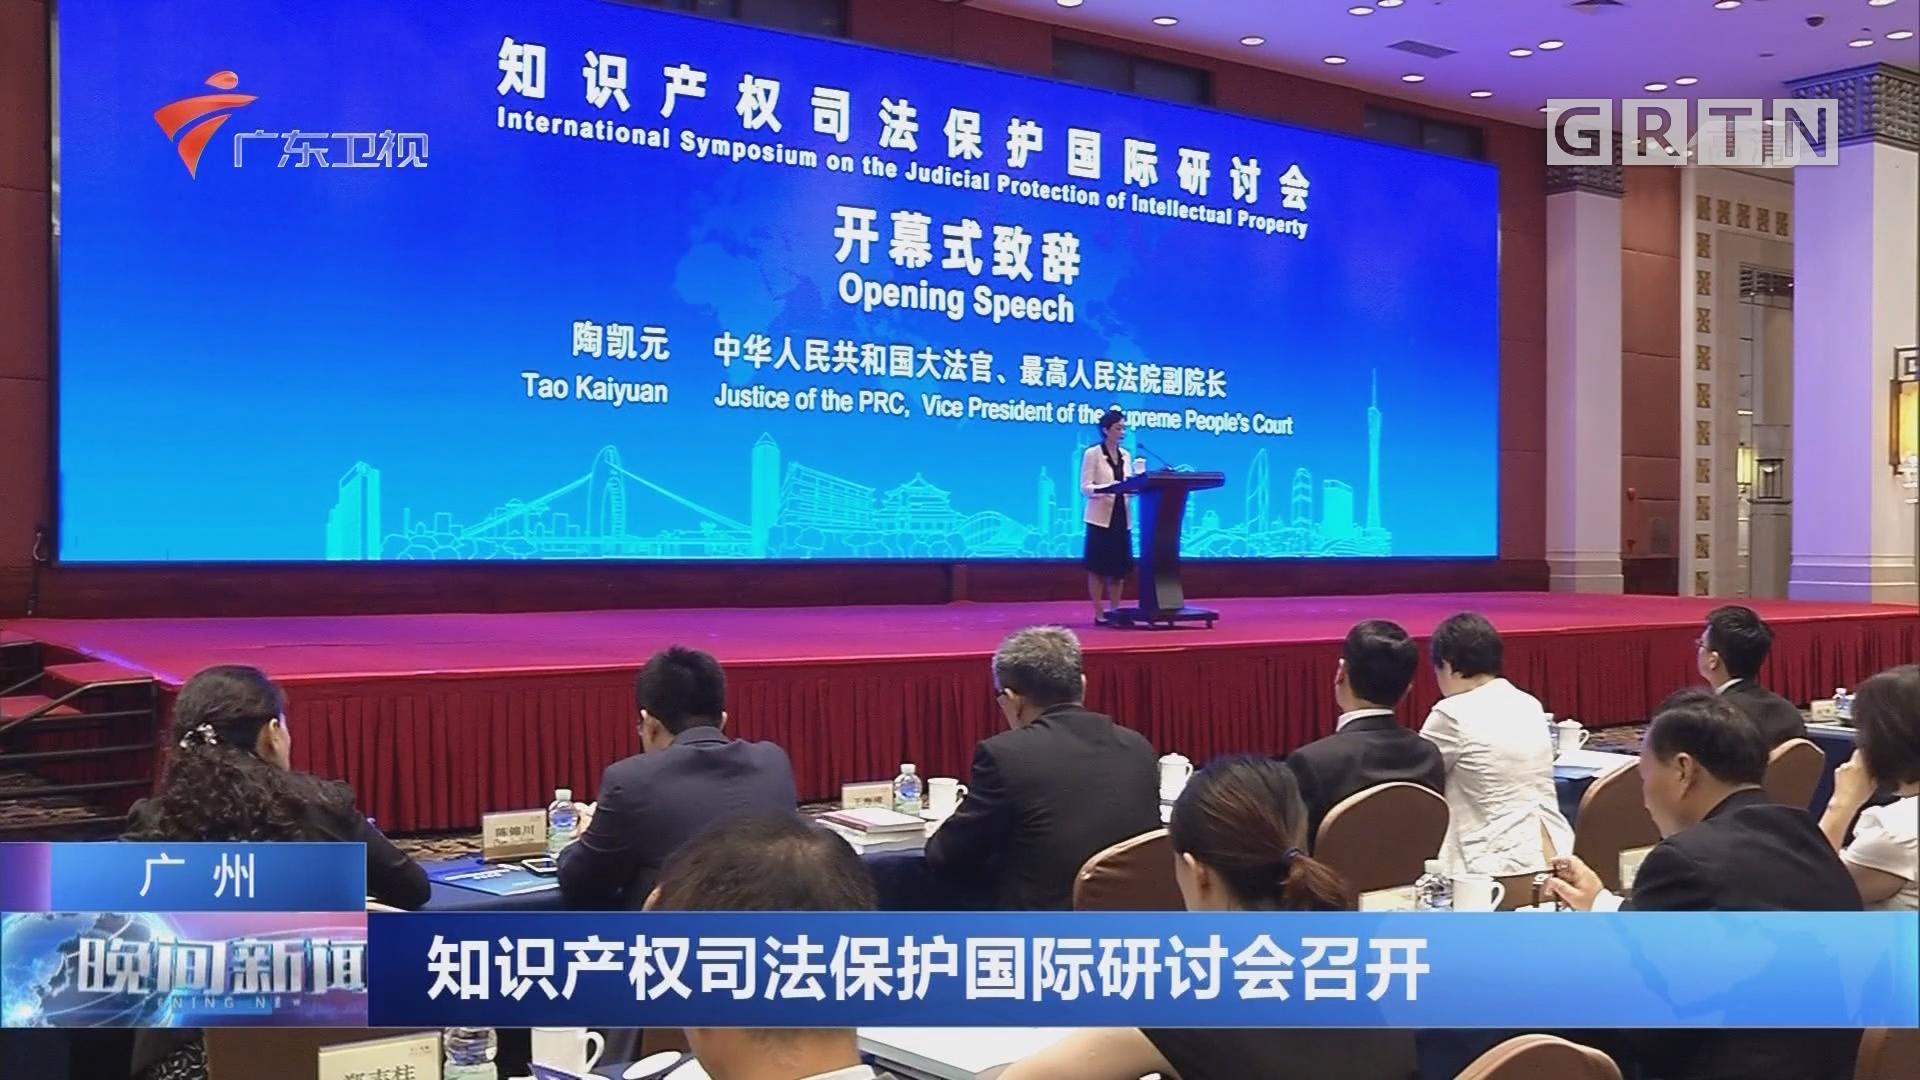 广州:知识产权司法保护国际研讨会召开